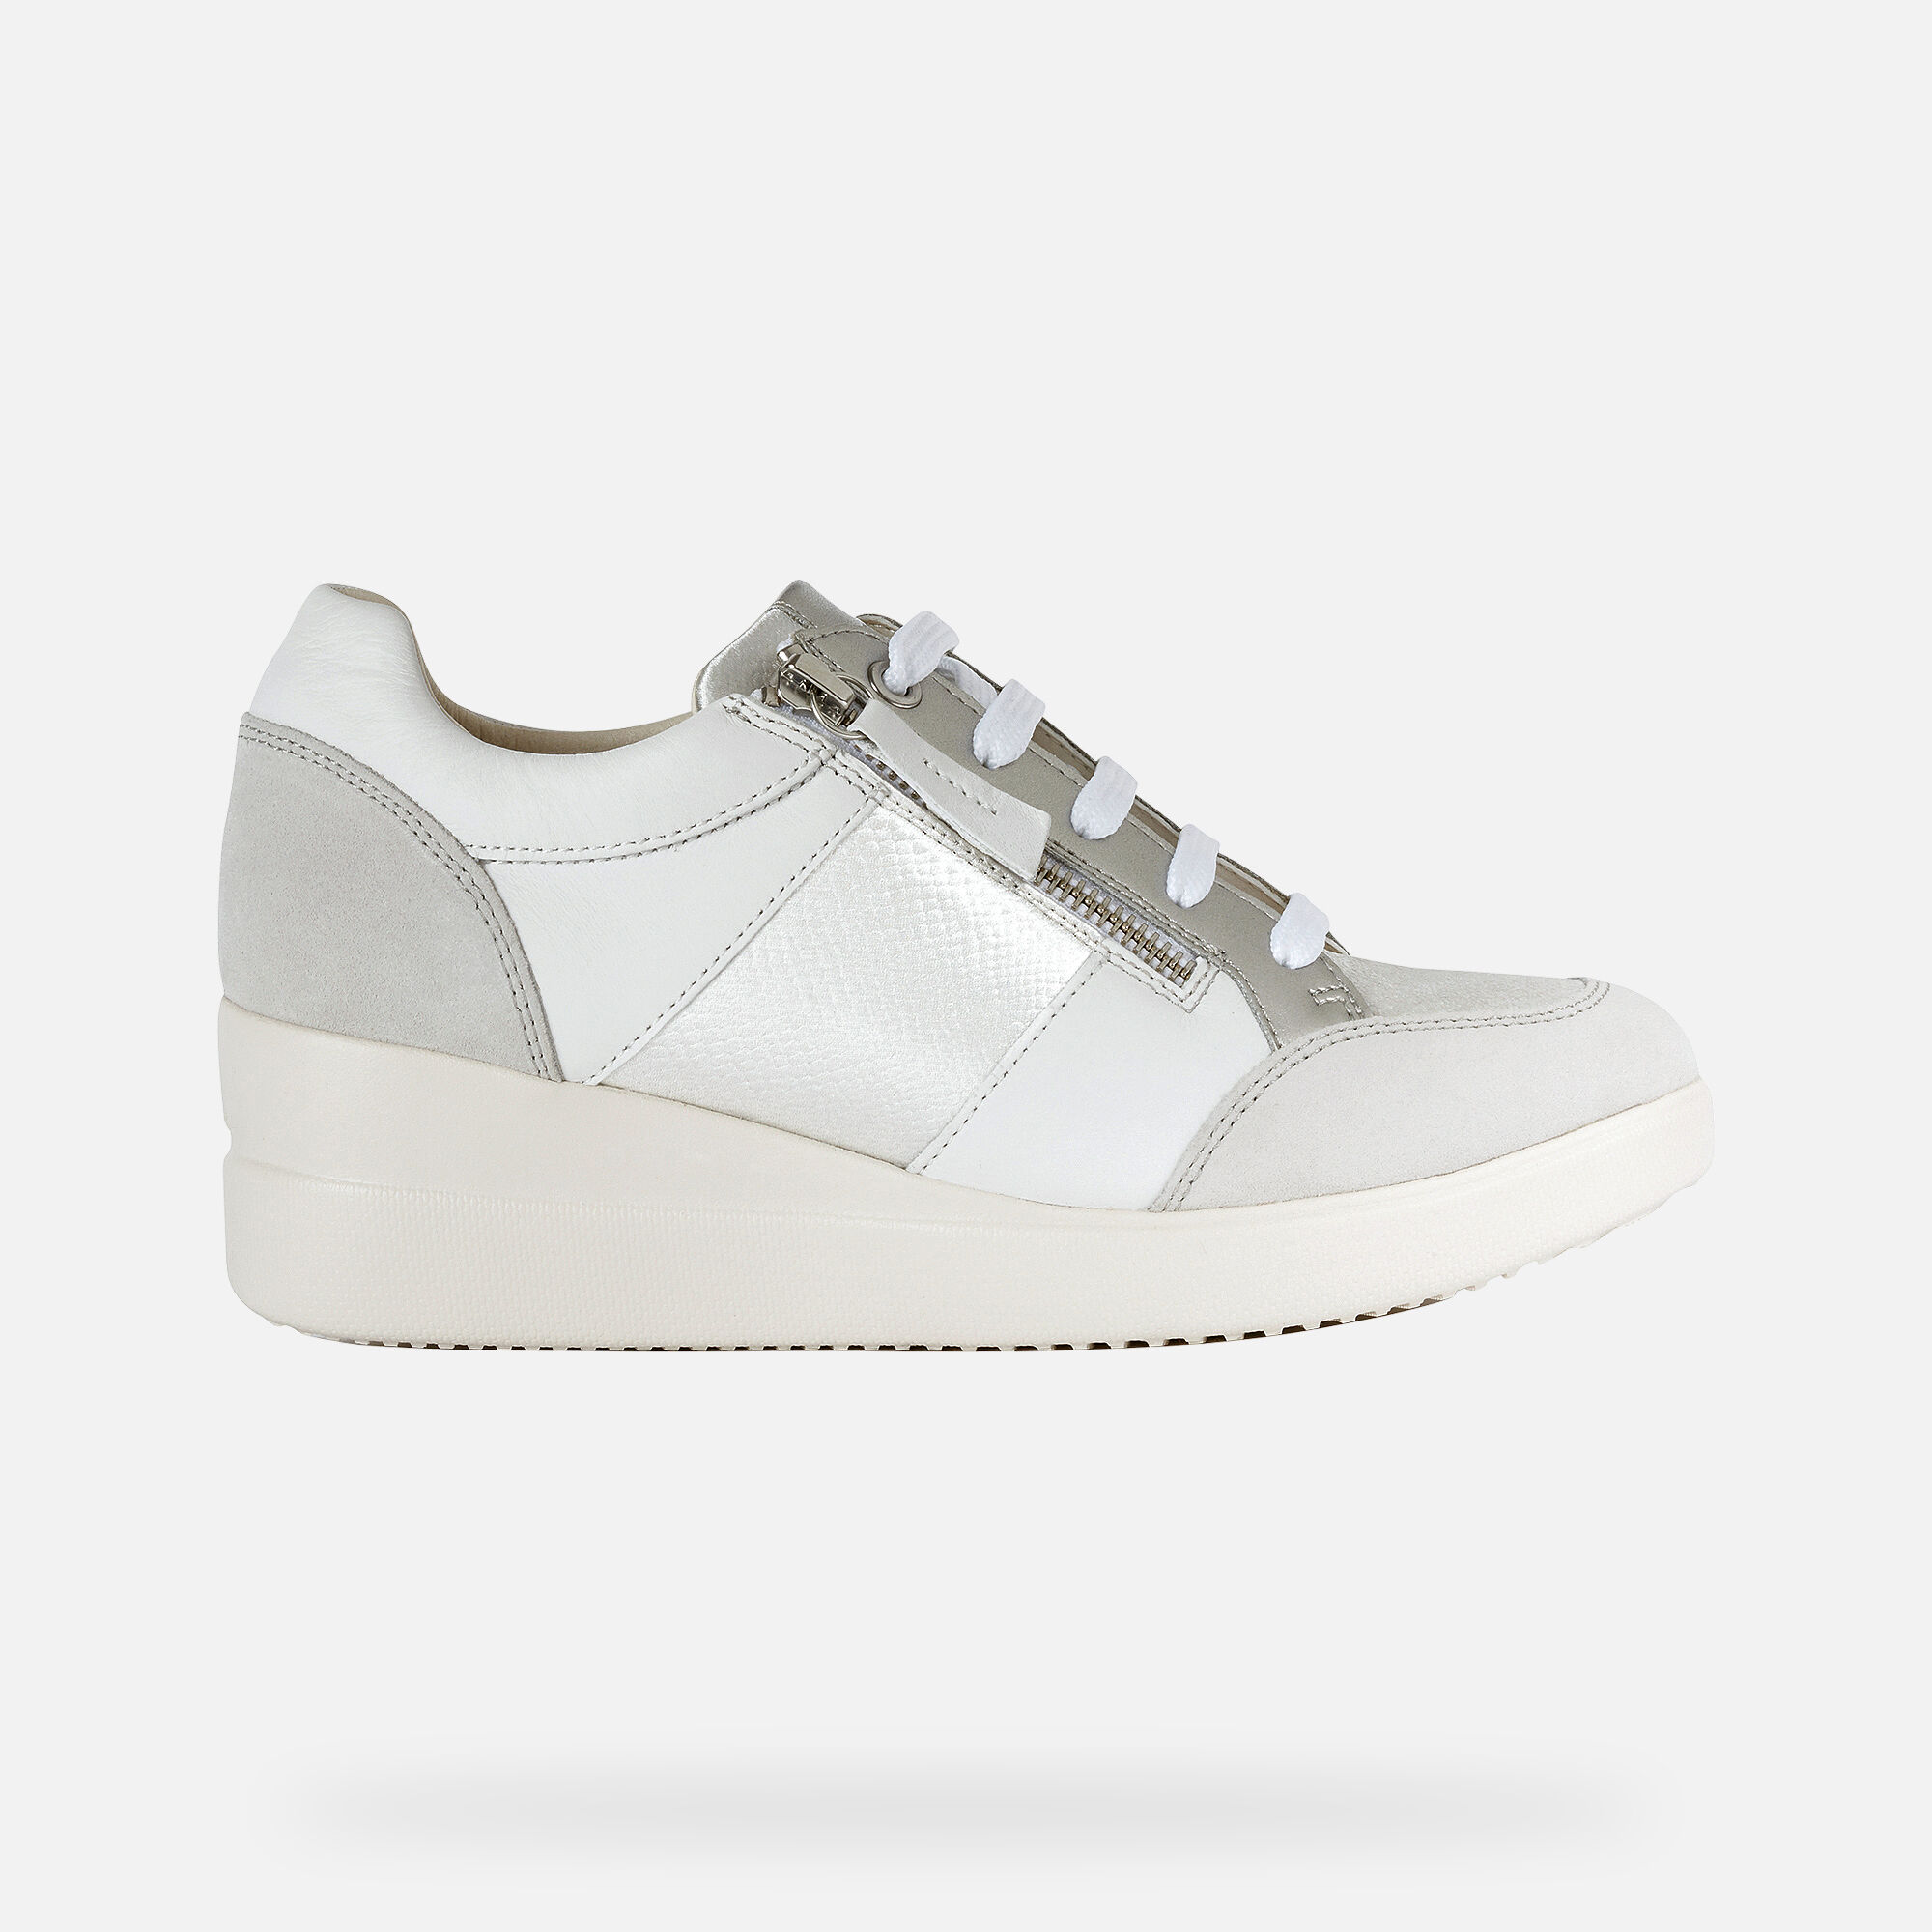 Geox Womens Stardust 19 Fashion Sneaker